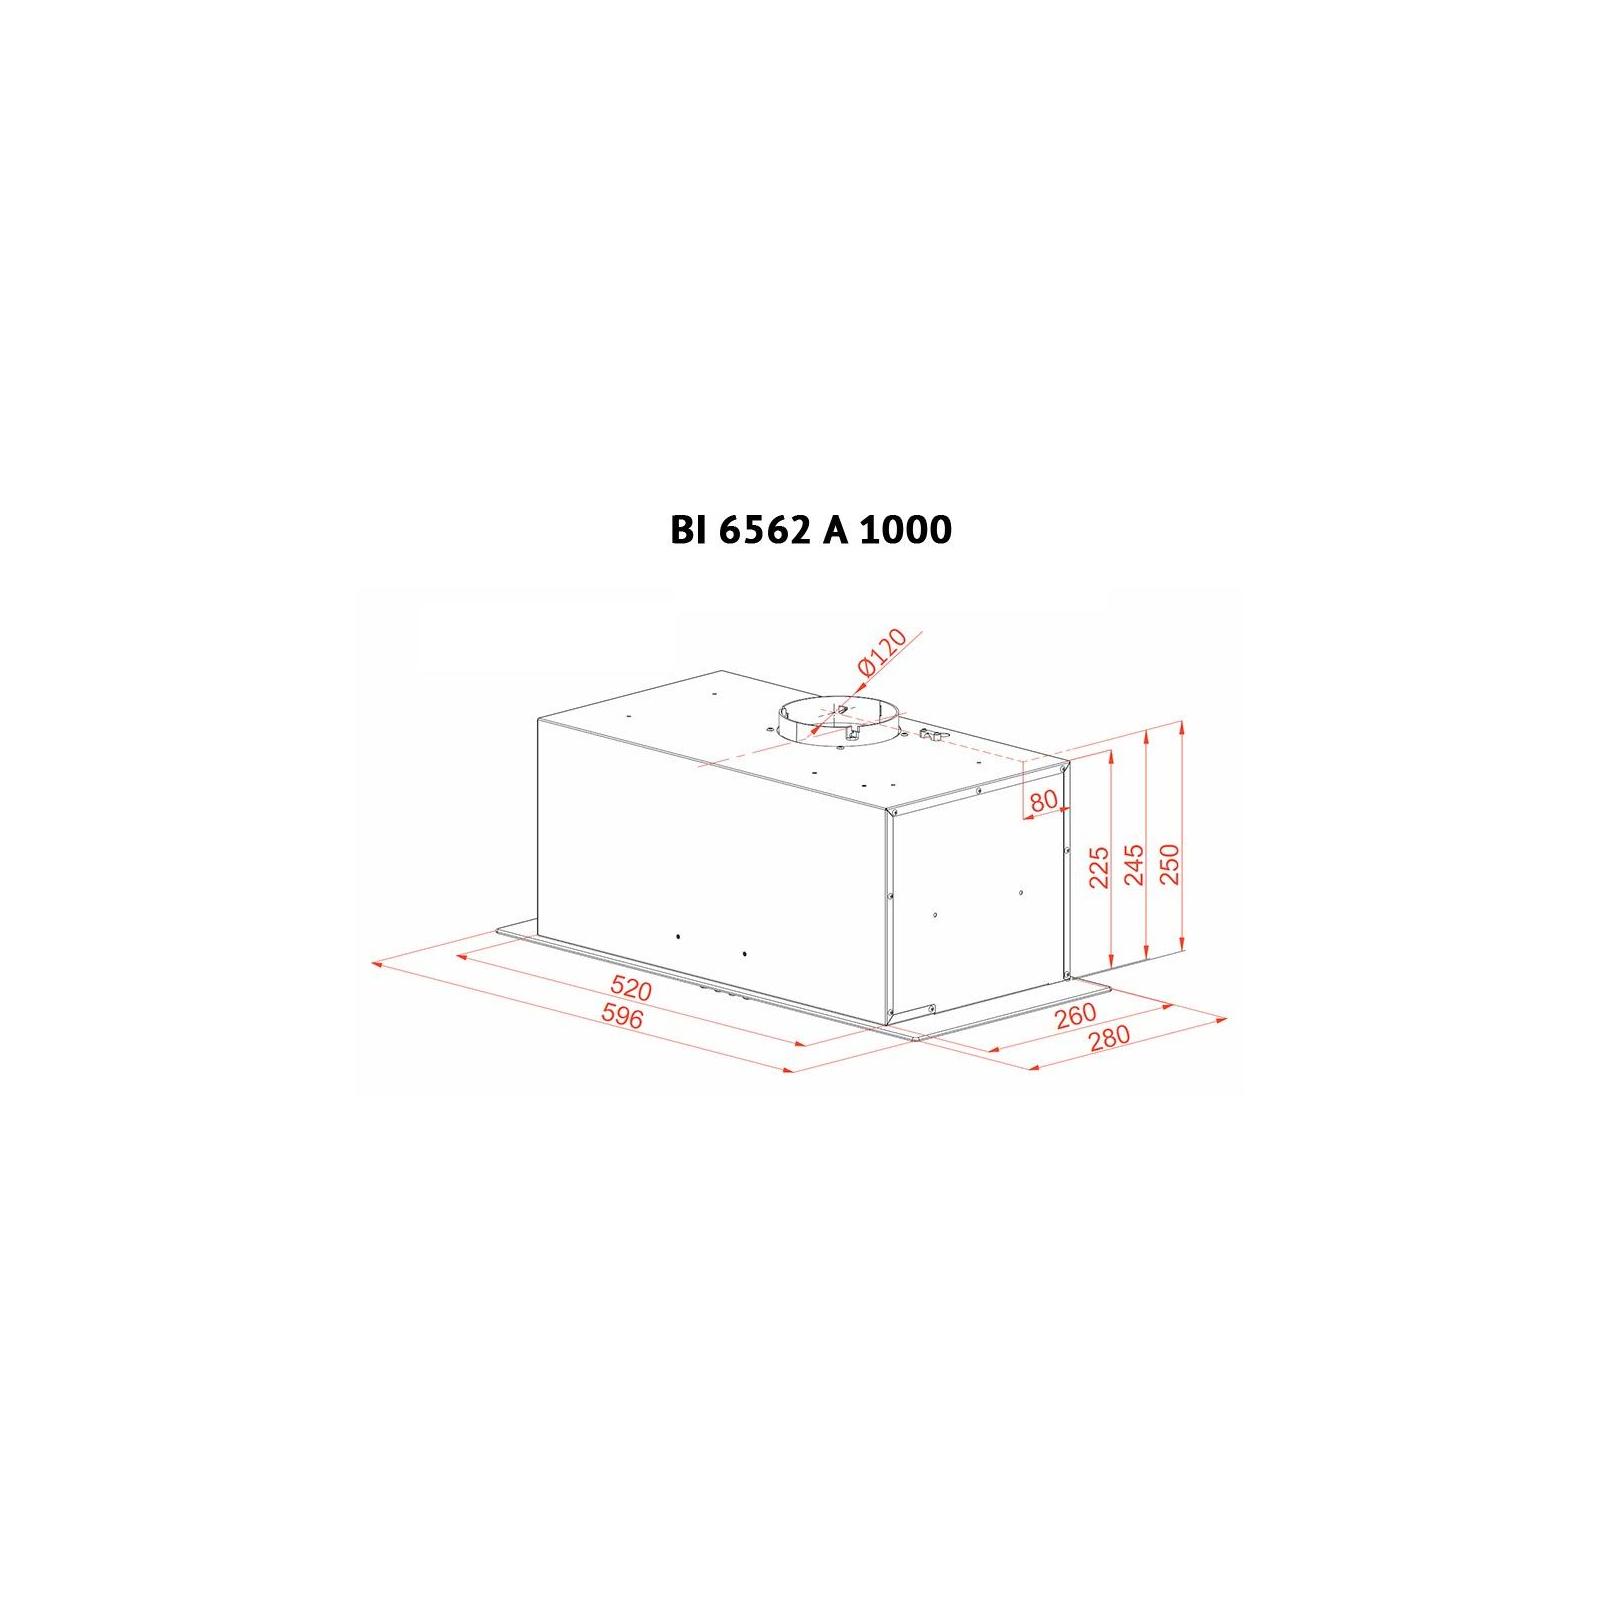 Вытяжка кухонная PERFELLI BI 6562 A 1000 GF LED GLASS изображение 7